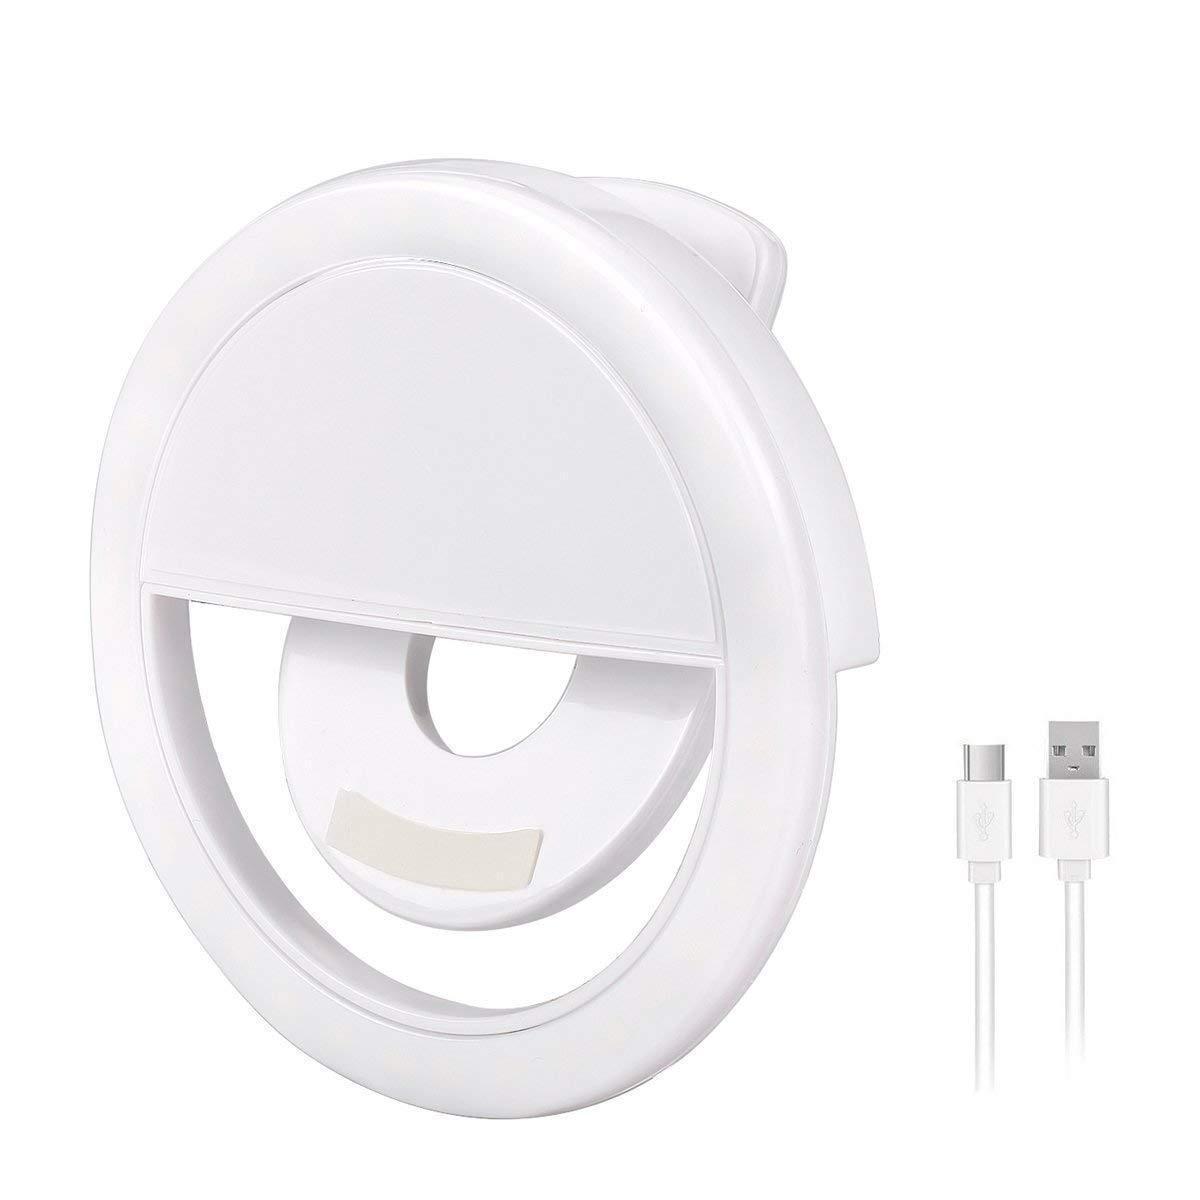 Аккумуляторная вспышка-подсветка Selfie Ring Light для телефона селфи-кольцо XJ-01 Белое USB